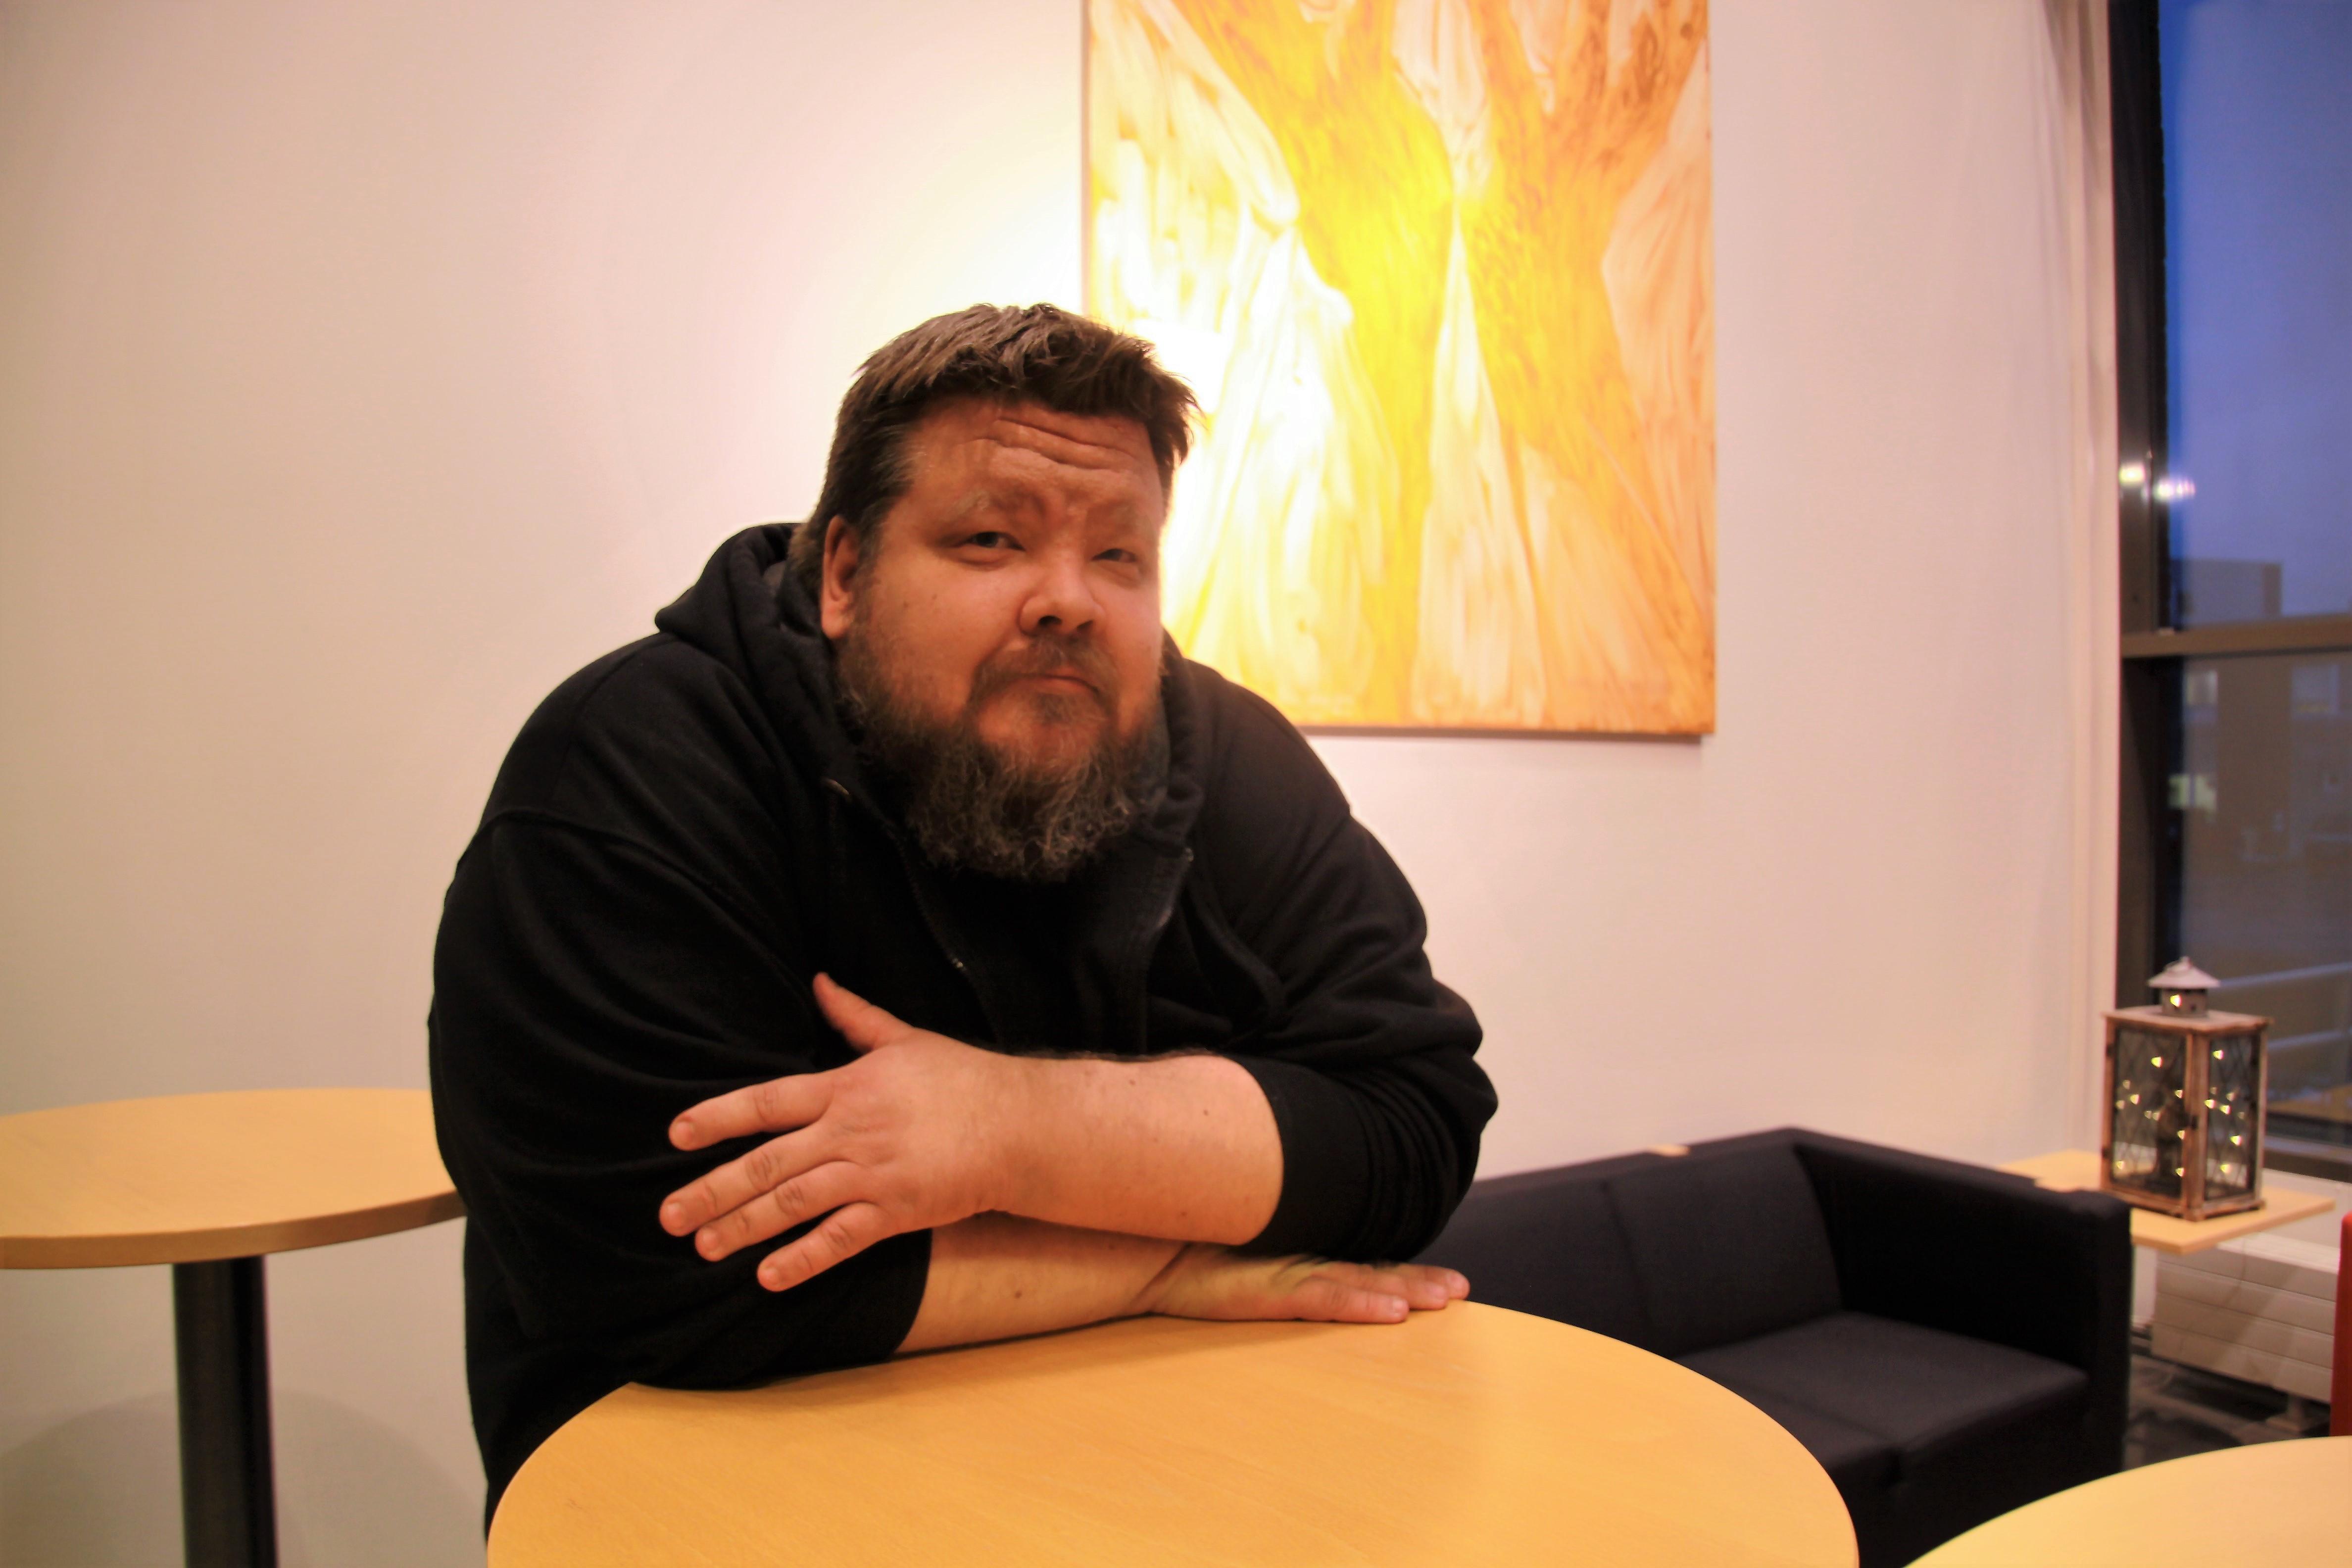 Mikko Myllymäki